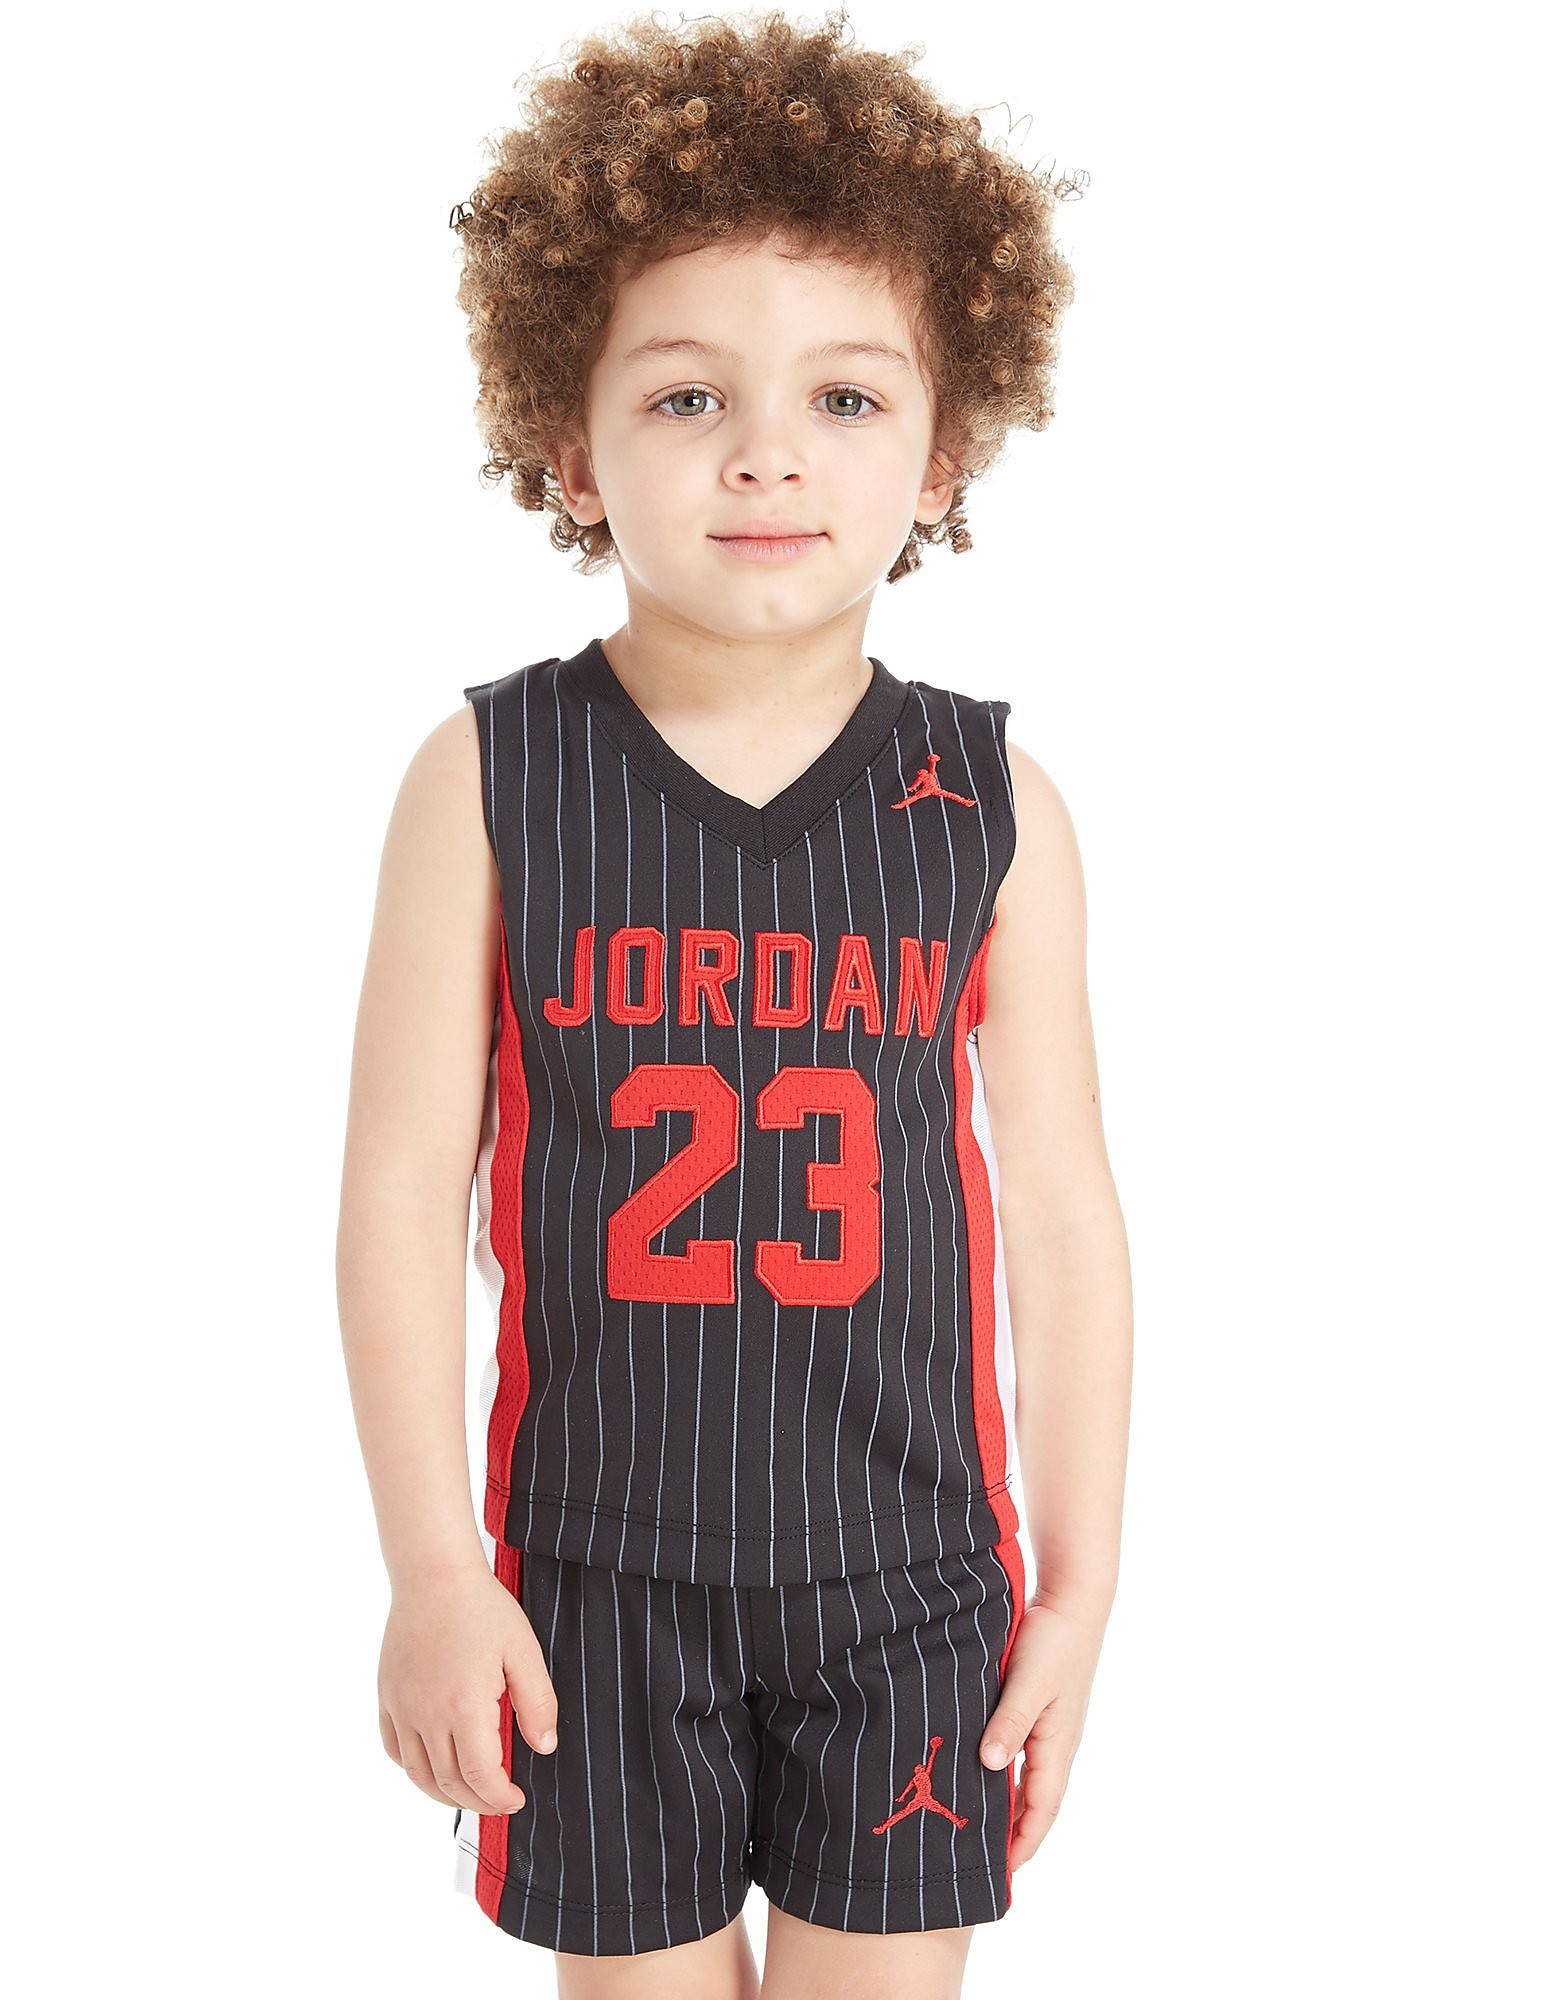 Jordan Retro Kit Set Infant